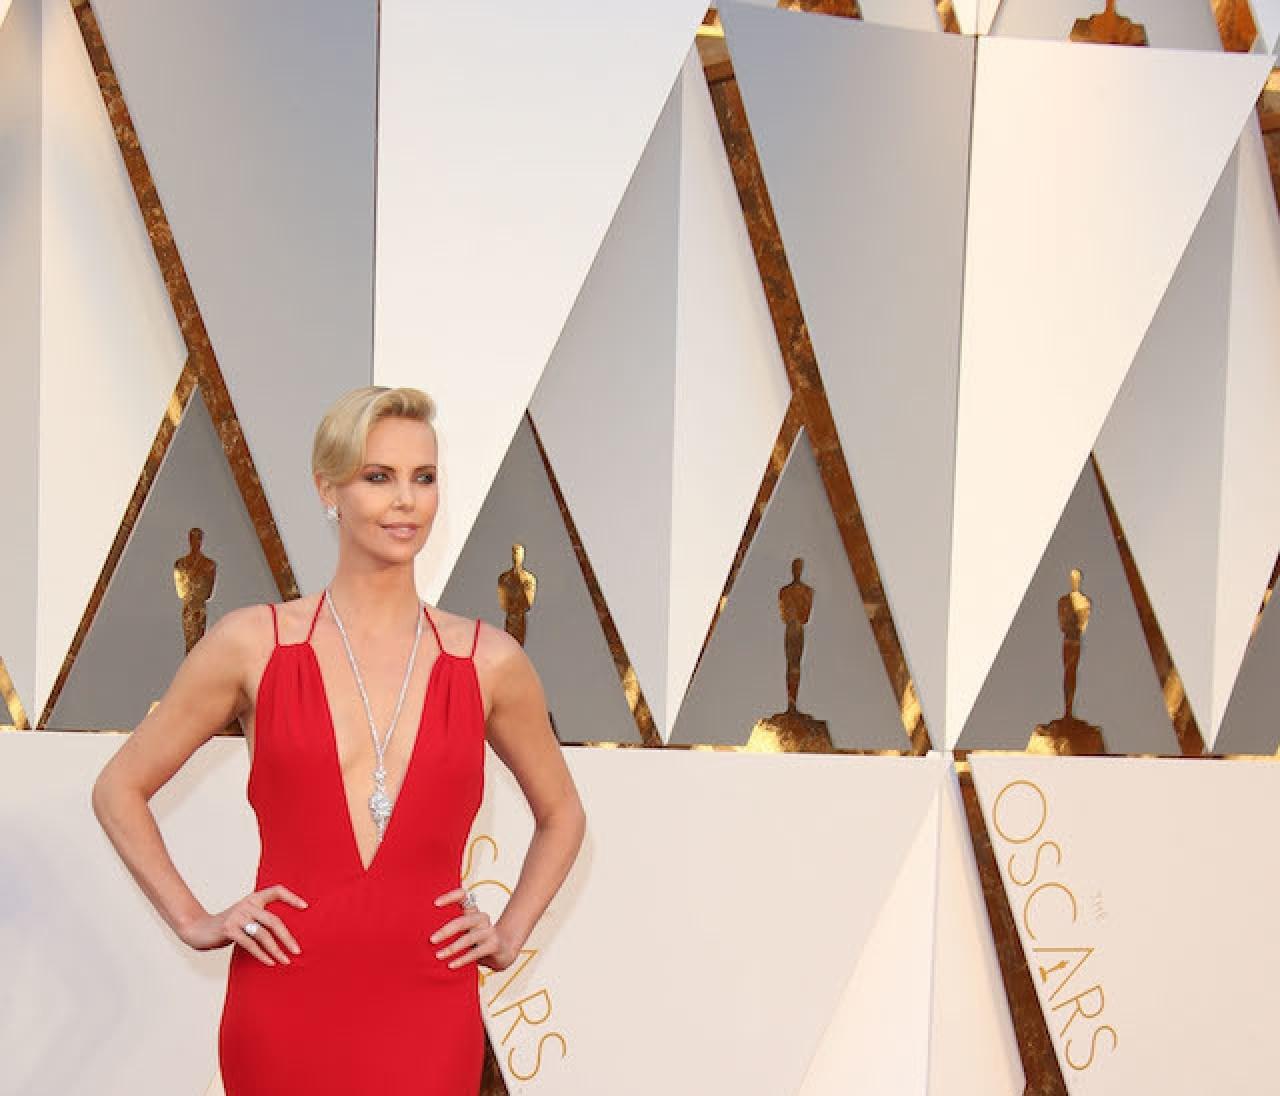 【緊急特集】美しいドレスをまとったセレブ達。アカデミー賞授賞式レッドカーペット報告その1